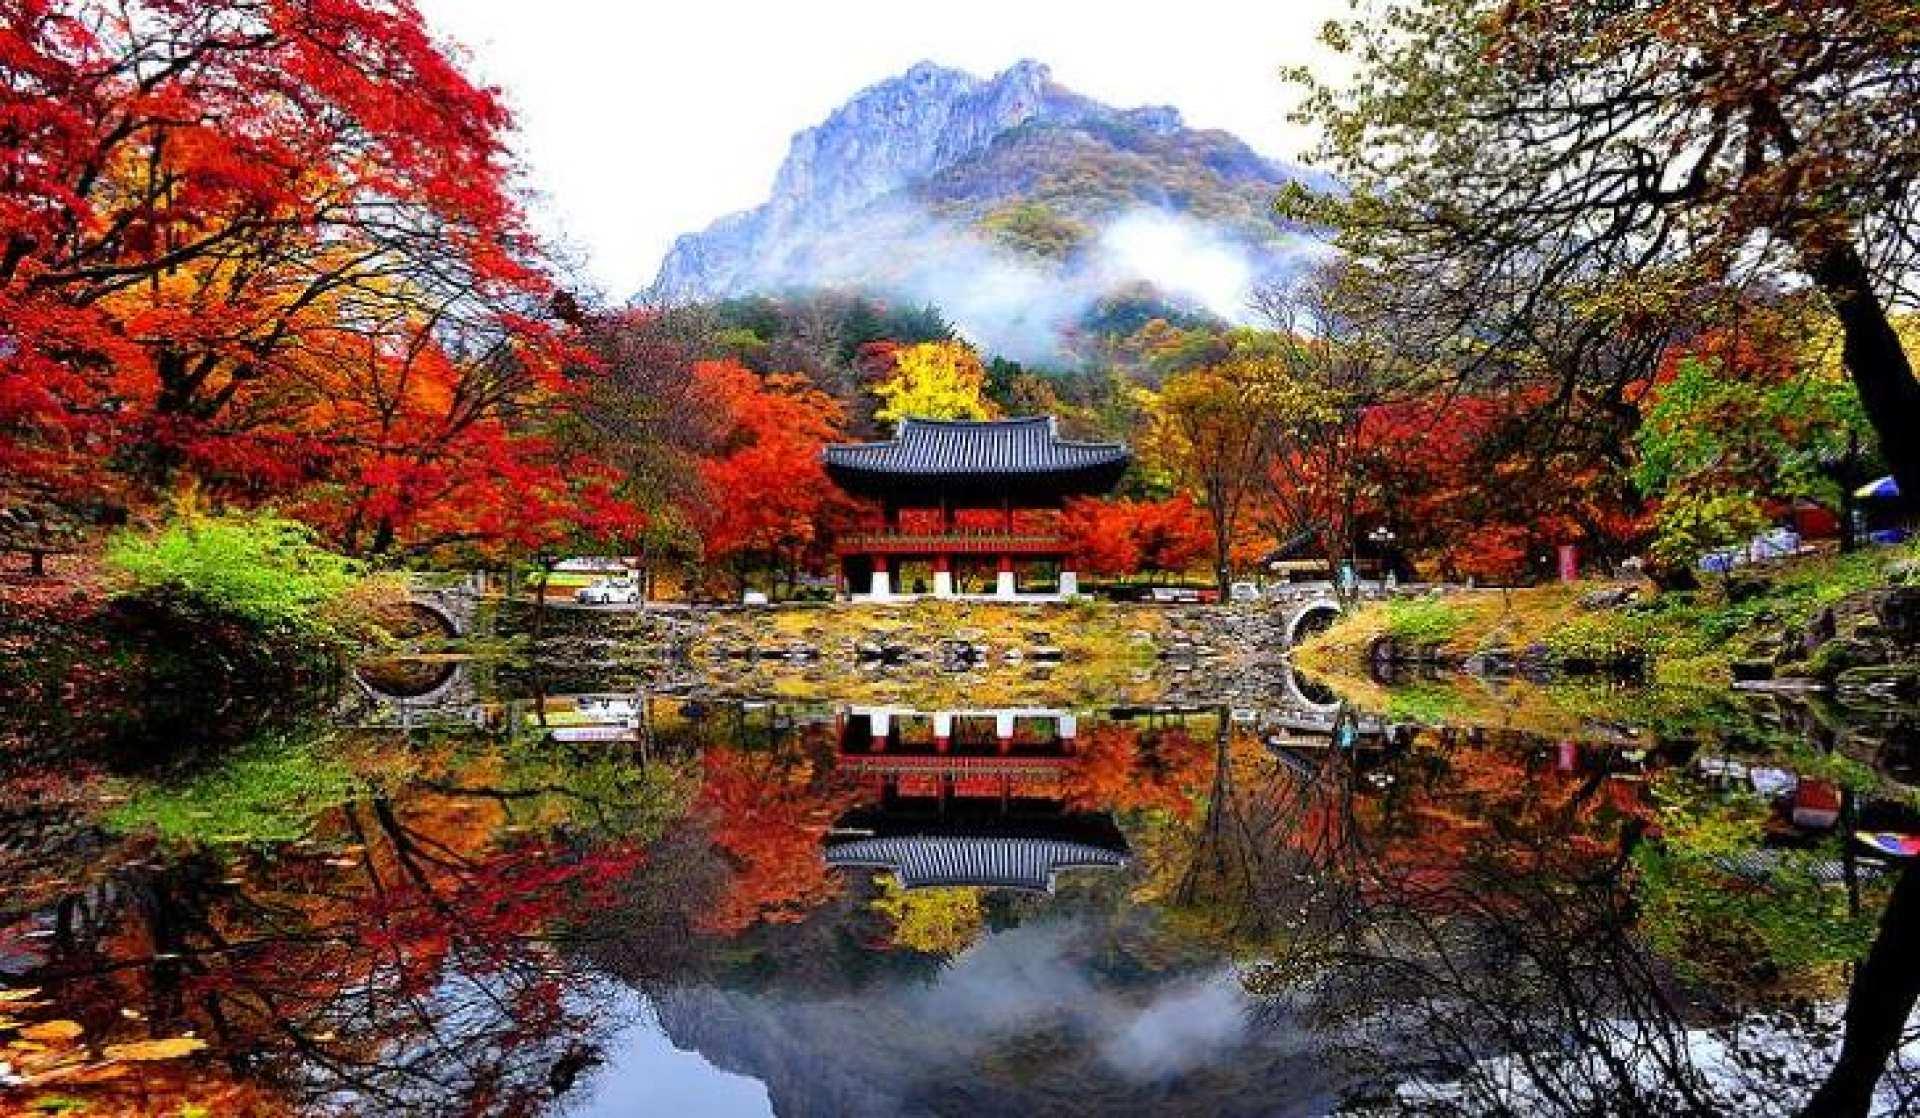 【ソウル発】韓国で紅葉狩り!韓国の名山・内蔵山1日ツアー